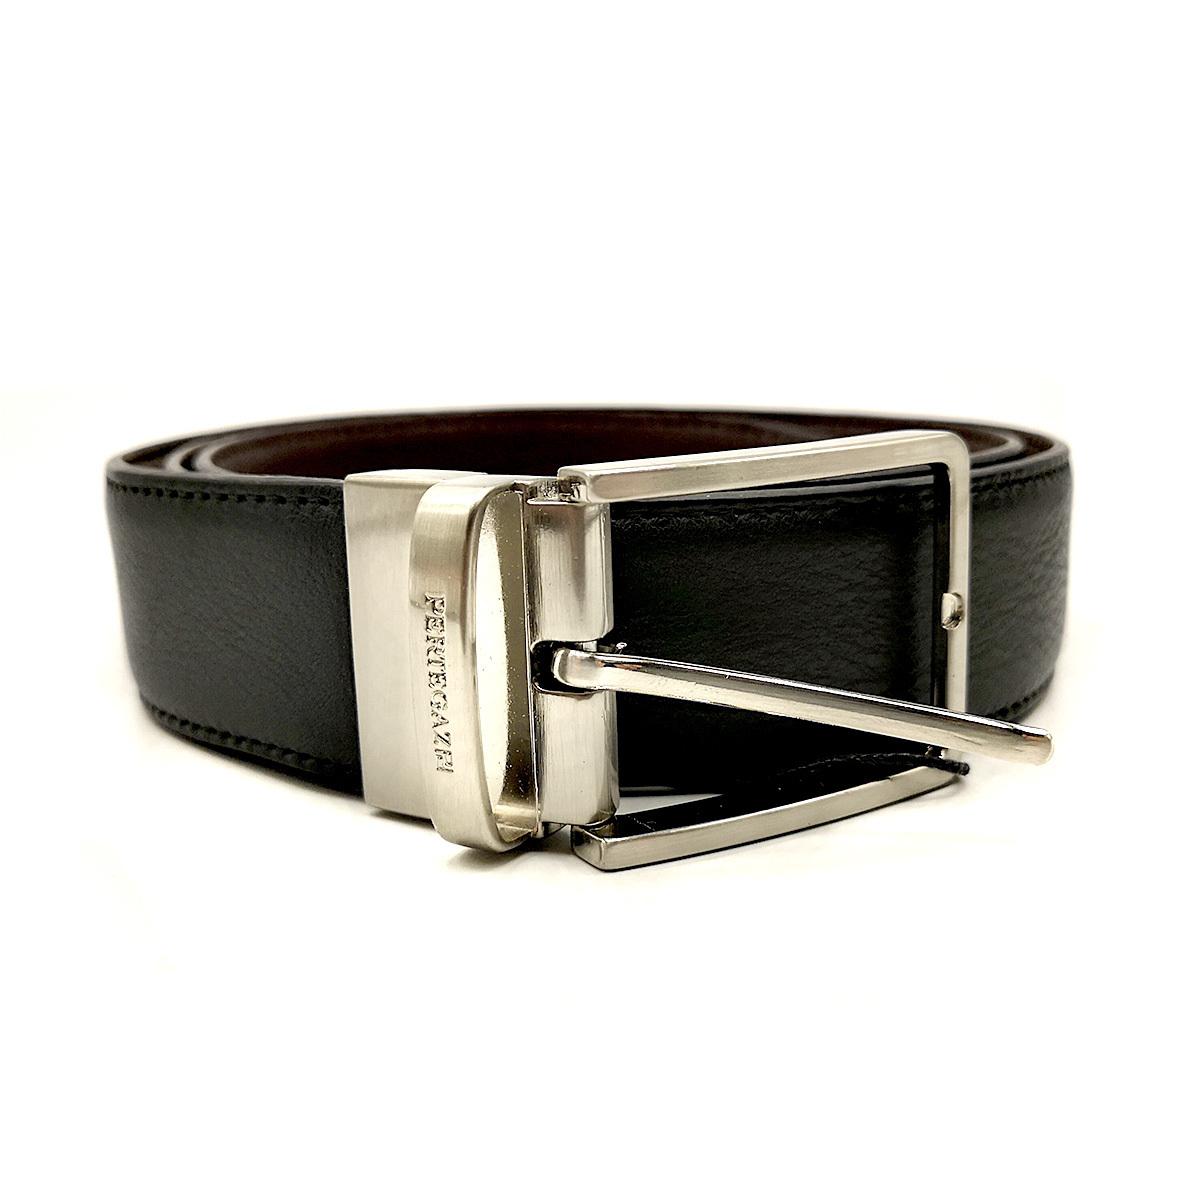 Cinturón piel reversible PERTEGAZ, marrón/negro